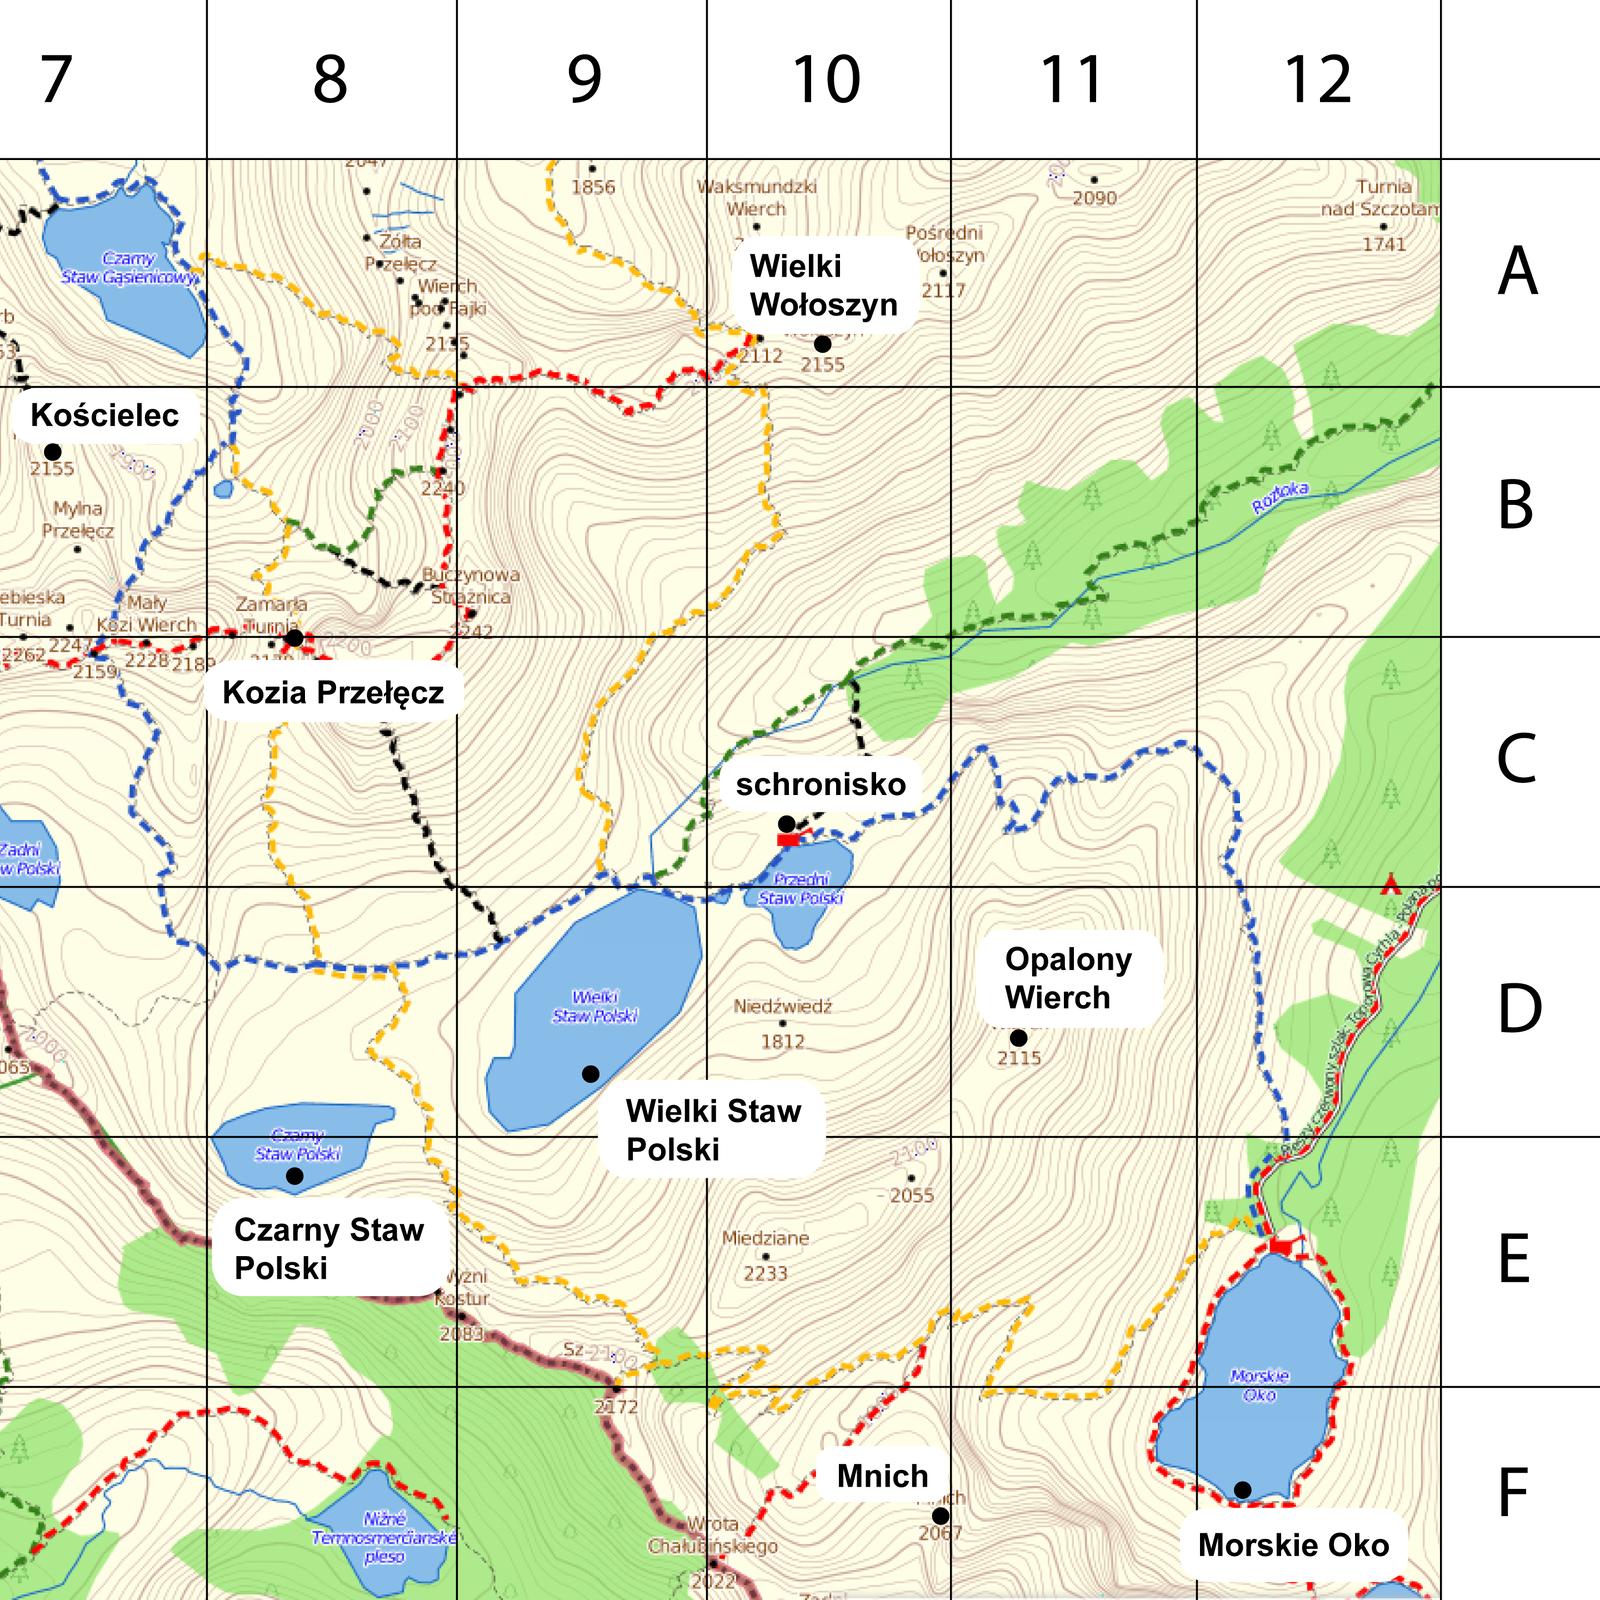 Animacja pokazuje fragment mapy Polski. Należy odczytać miejsce znajdujące się na trzech podanych współrzędnych geograficznych.